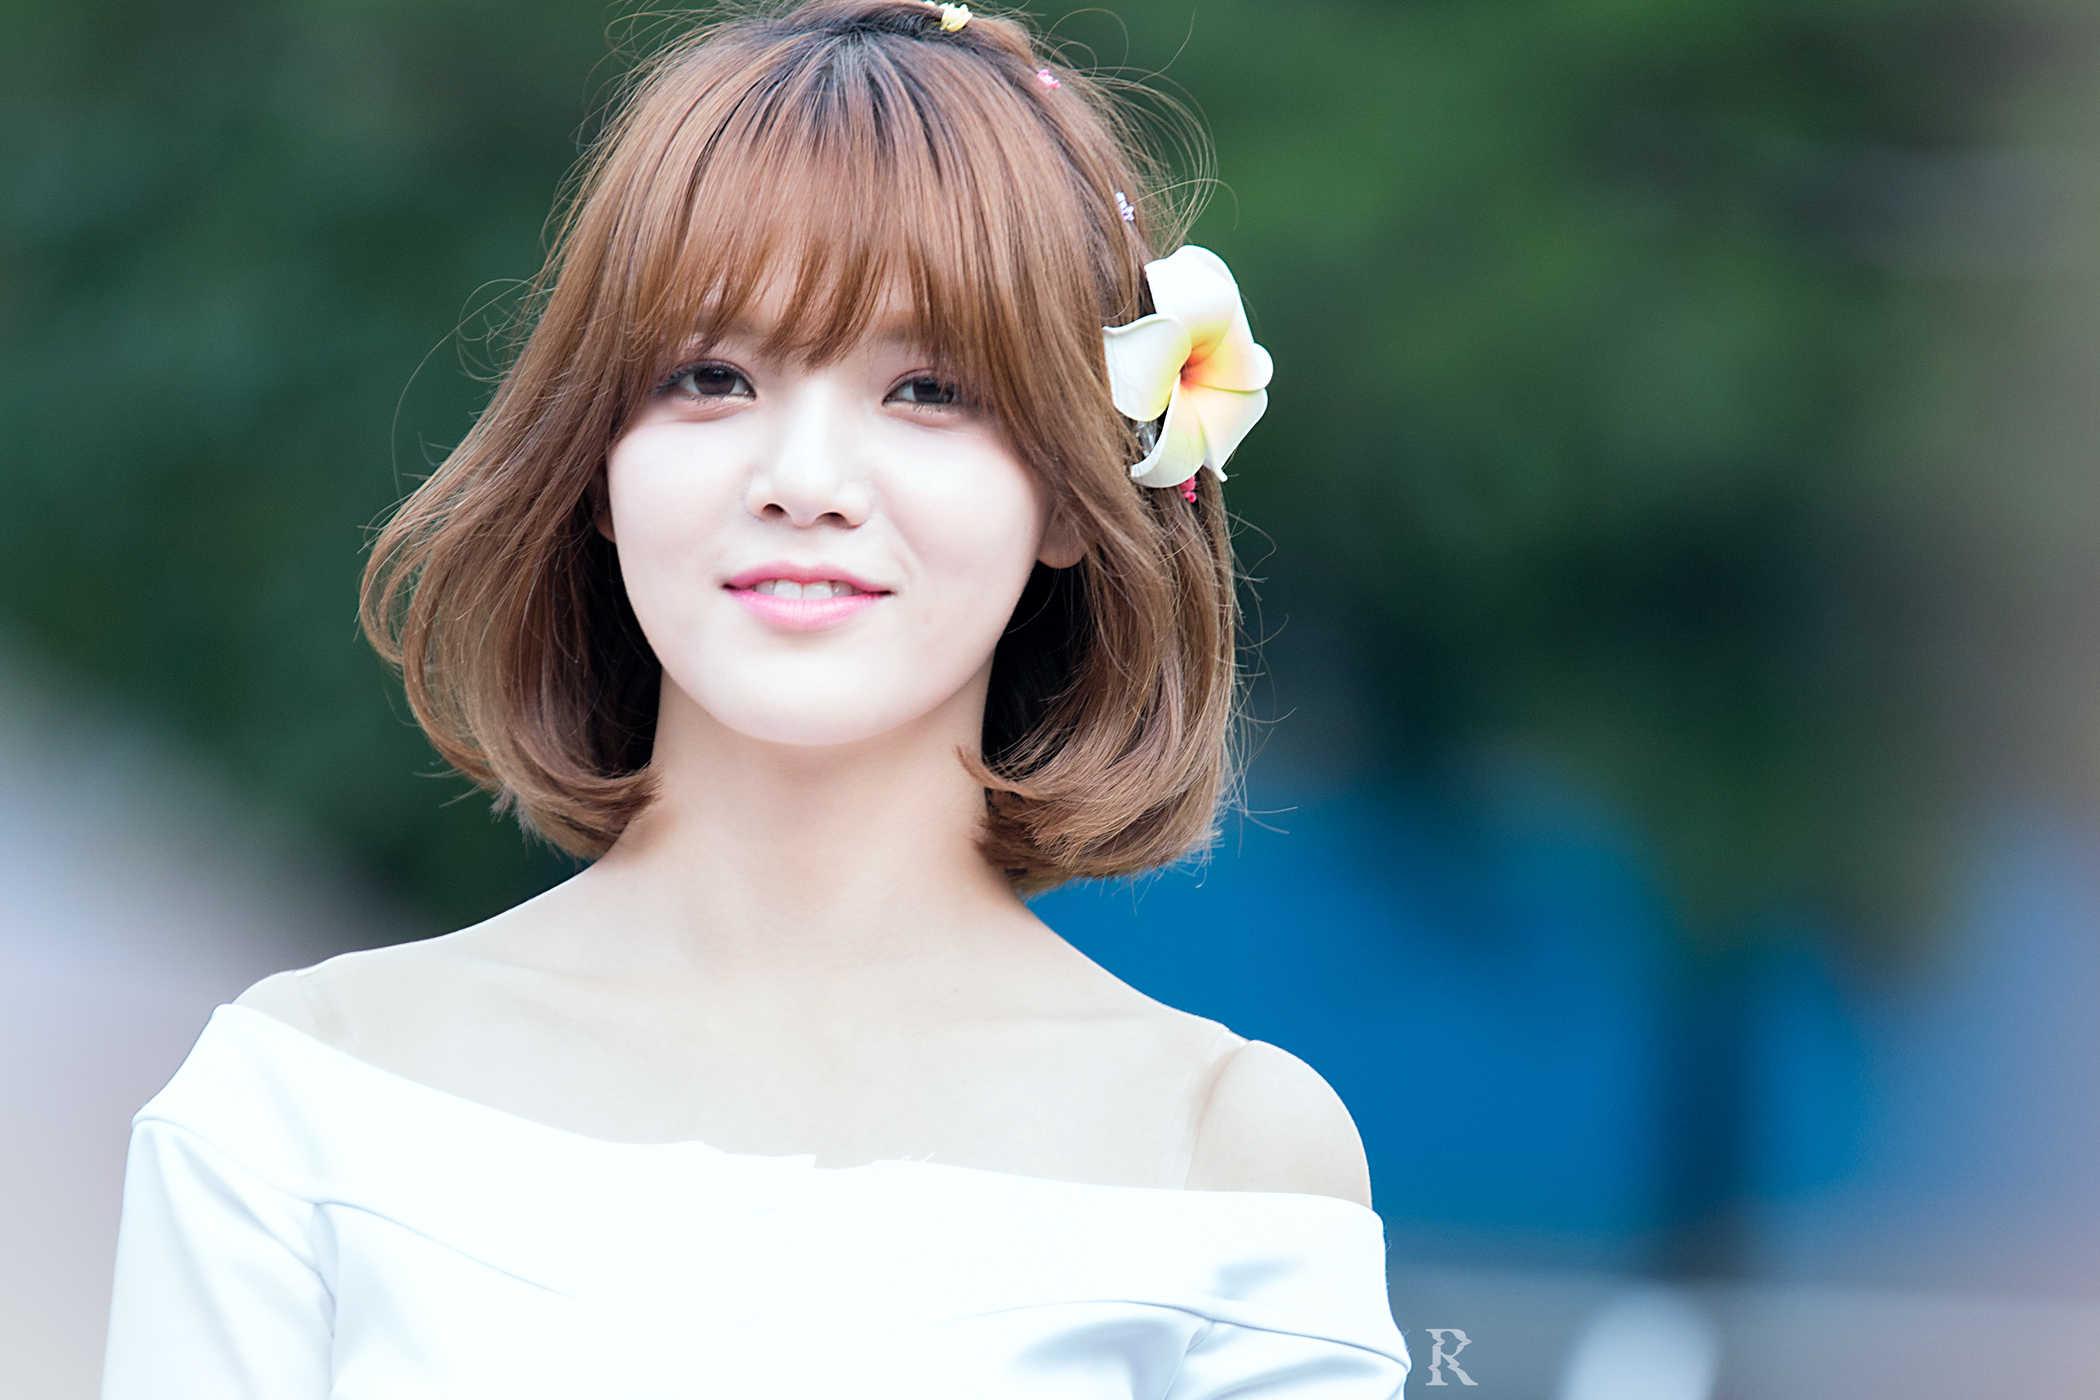 kpop leaders, kpop girl group leaders, kpop nicknames, kpop leader nicknames, jimin nickname